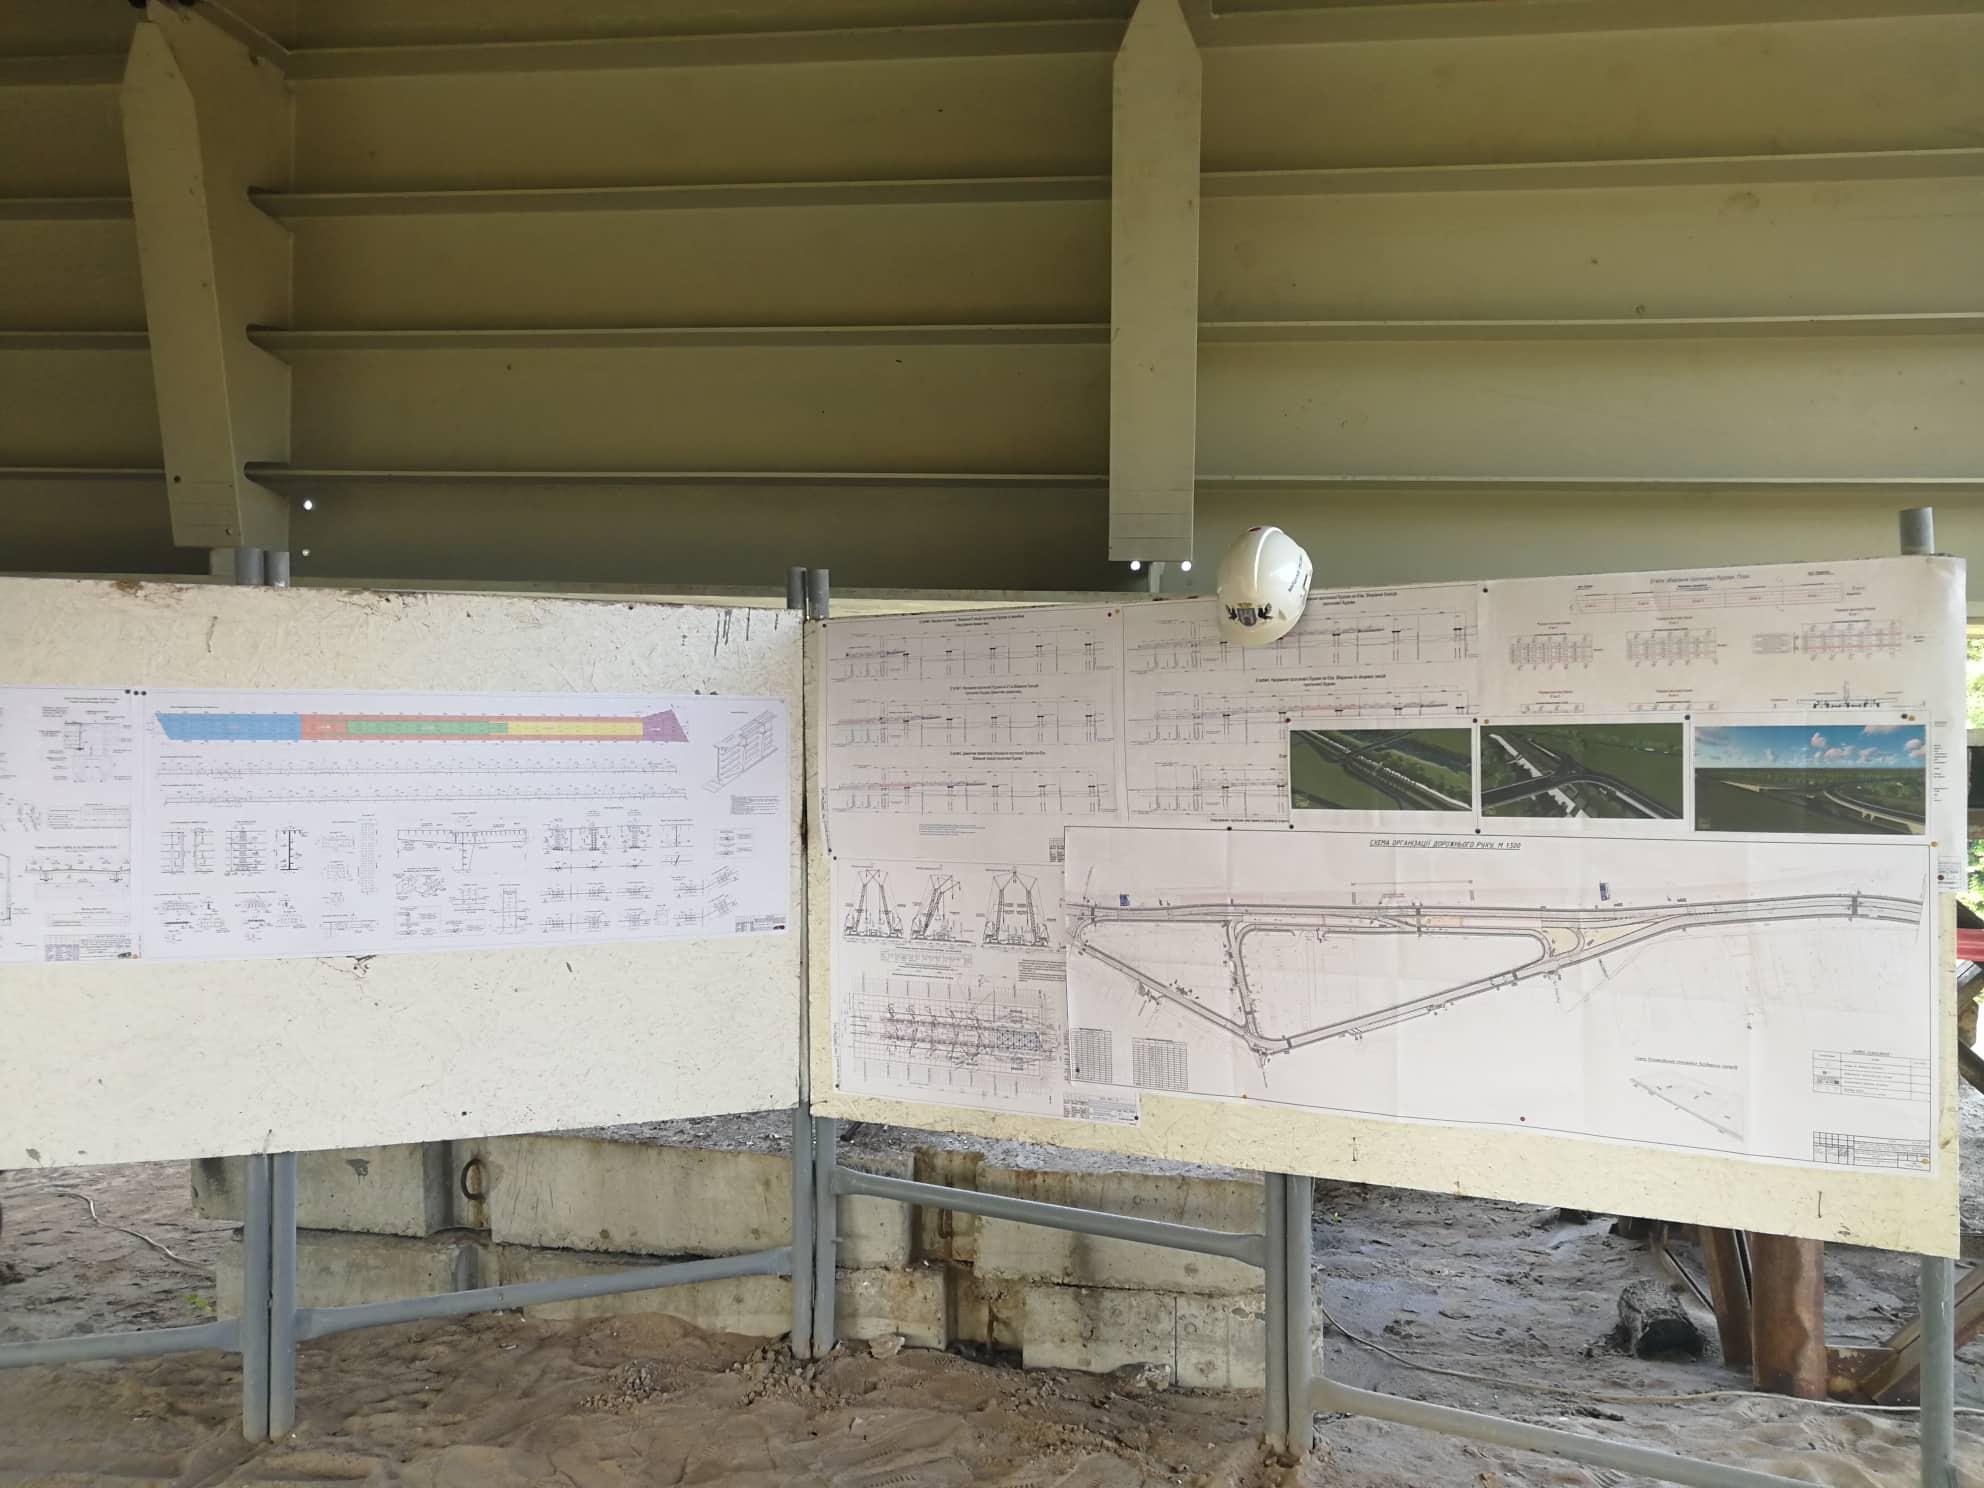 День відкритих дверей: Марцінків показав, як будується новий міст на Пасічну 1